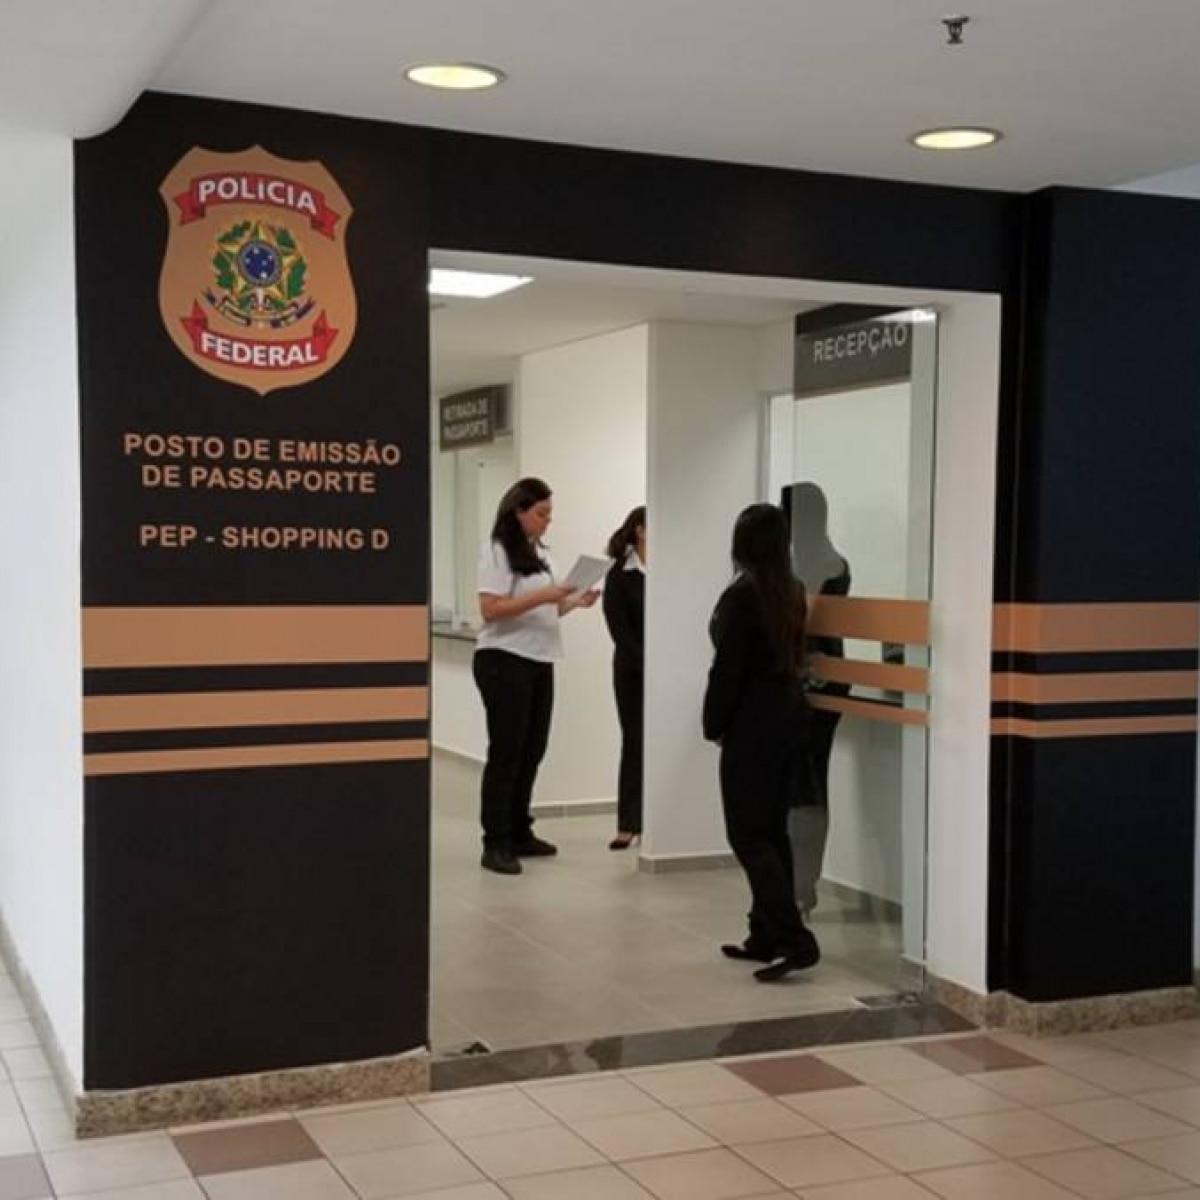 341f162f2c814 Polícia Federal inaugura posto de emissão de passaportes no Canindé - São  Paulo - Estadão